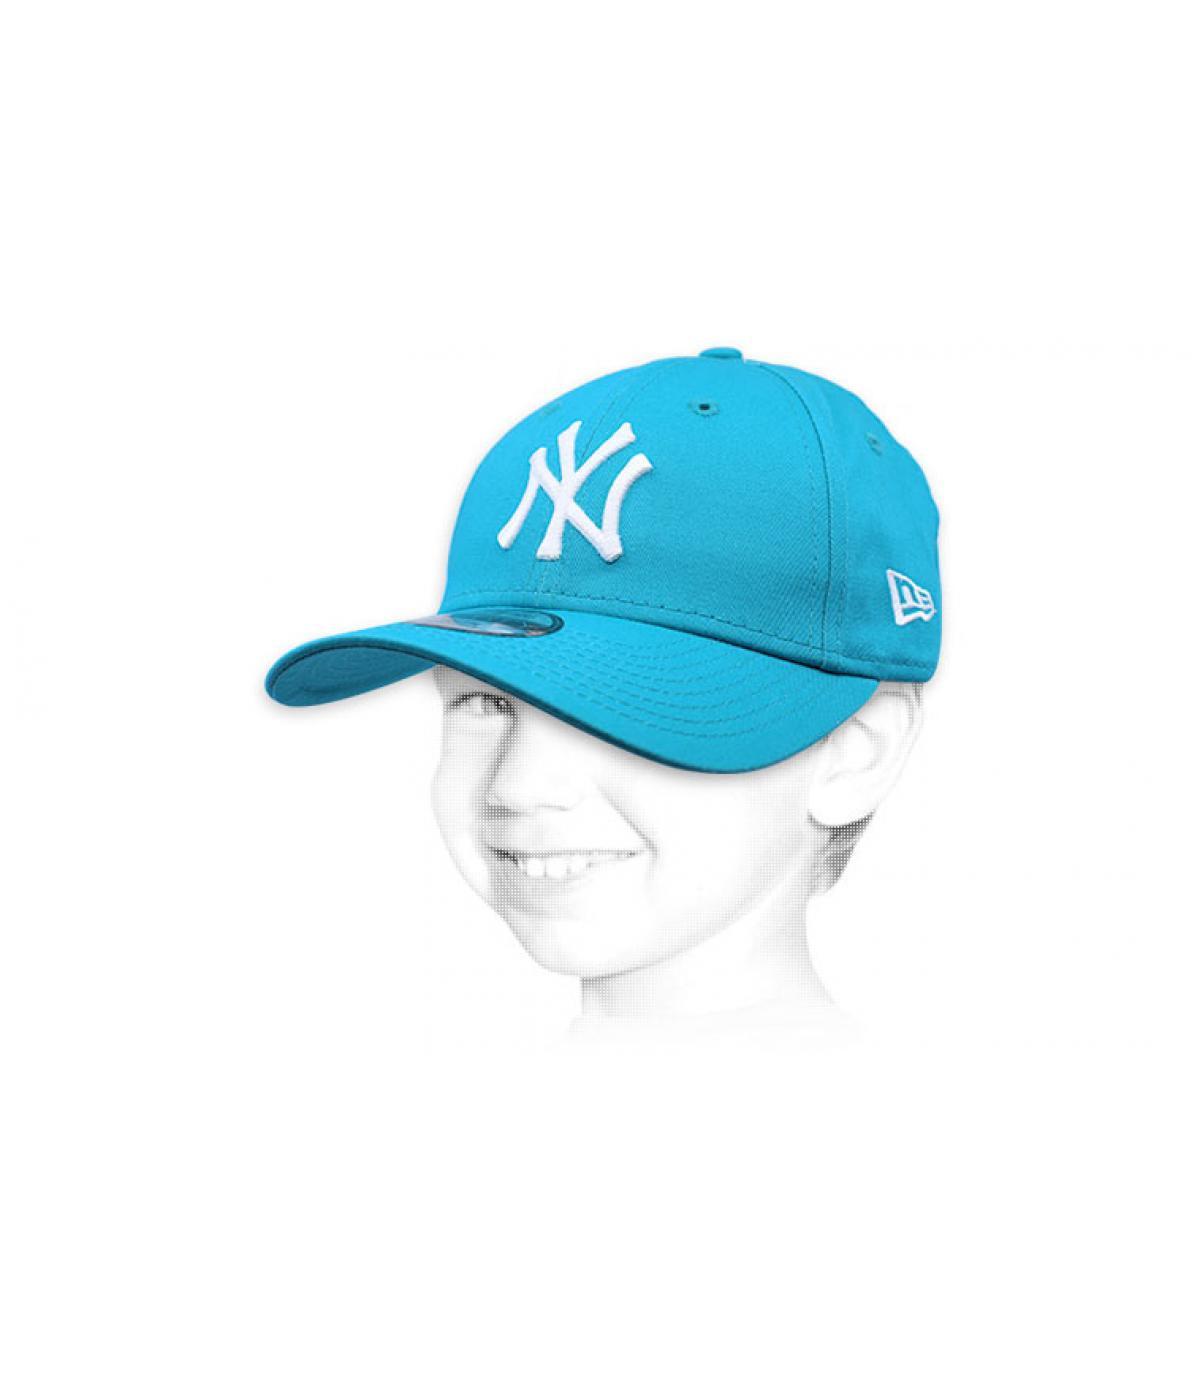 gorra niño NY azul